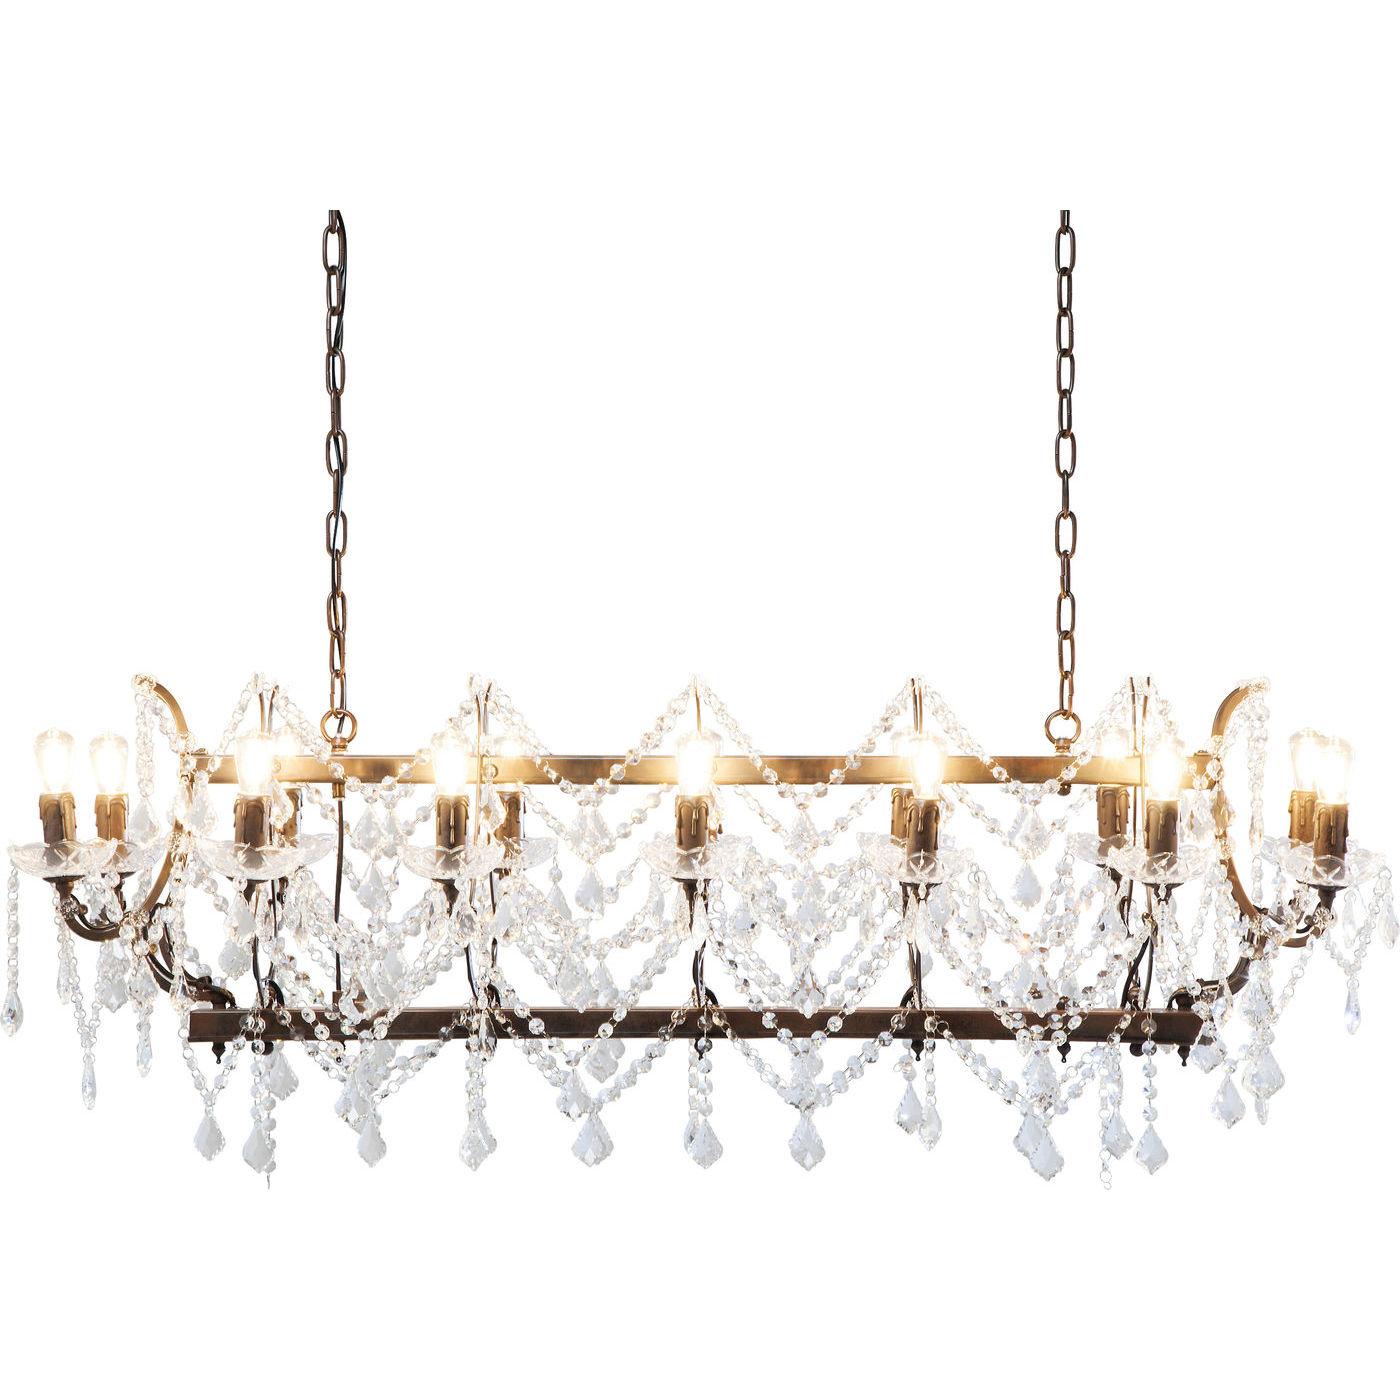 Billede af Kare Design Loftslampe, Chateau Crystal Rusty